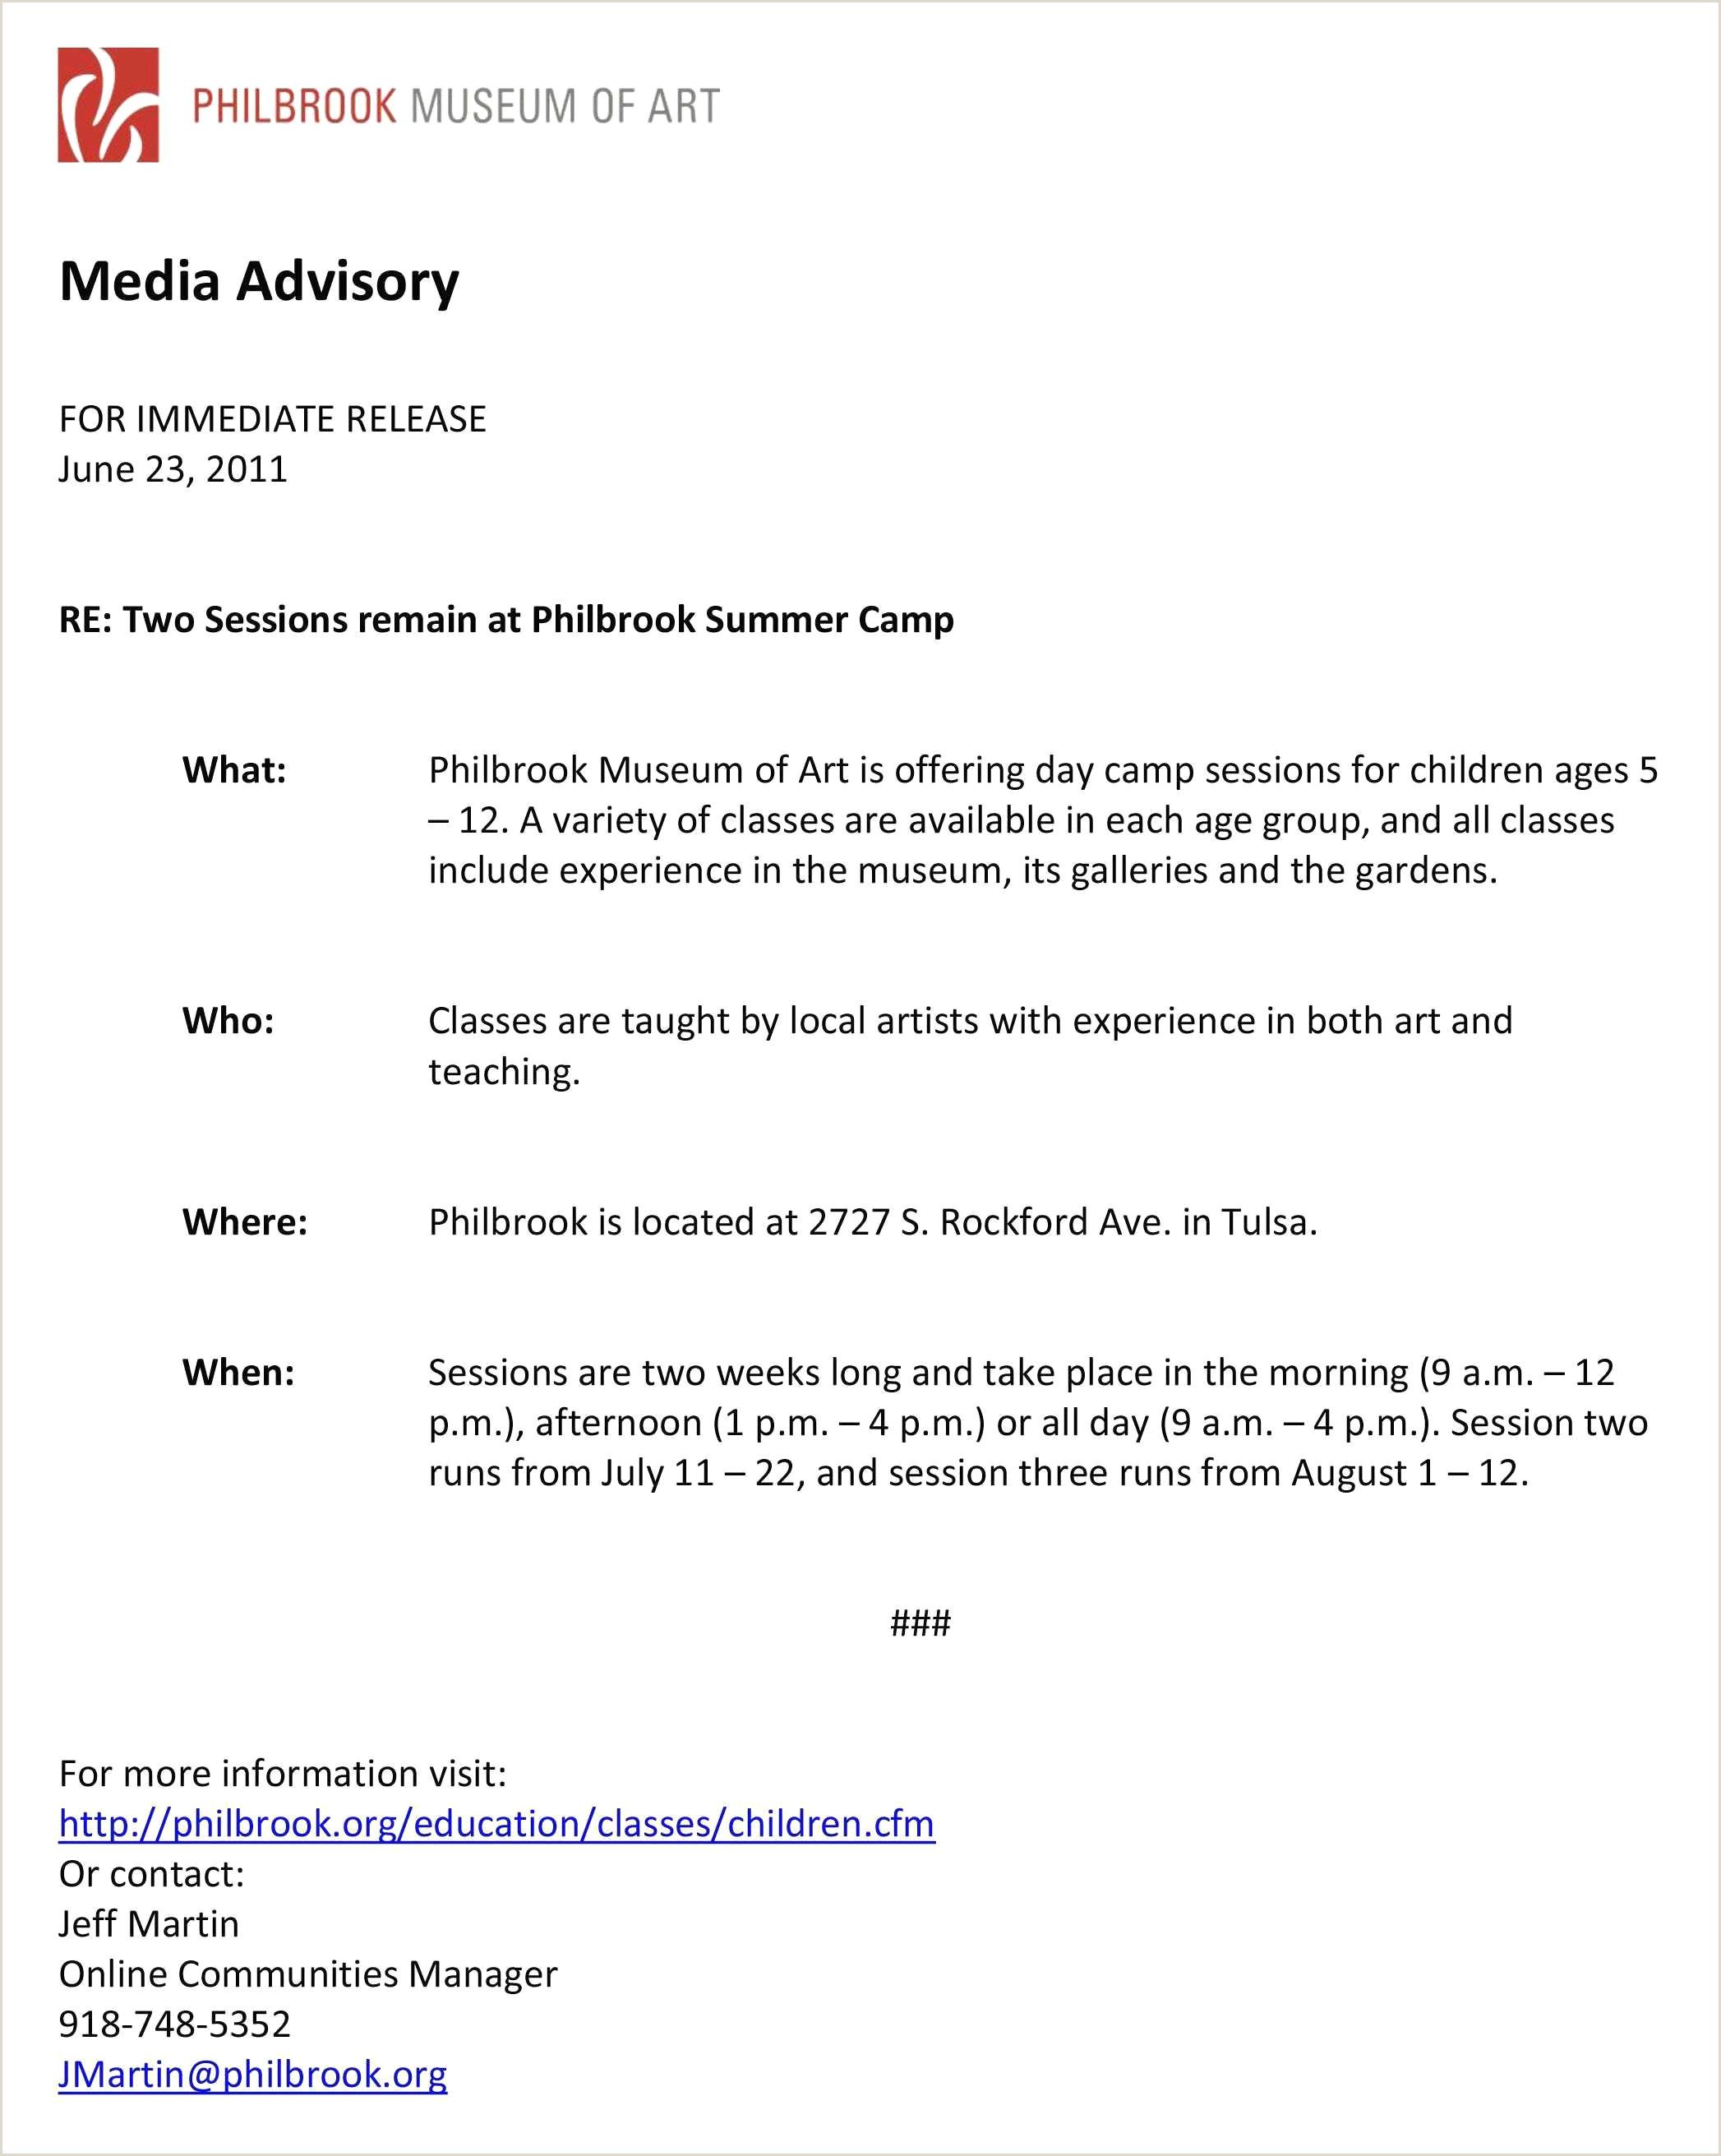 Le Cv échantillon Media Advisory Template New Media Alert